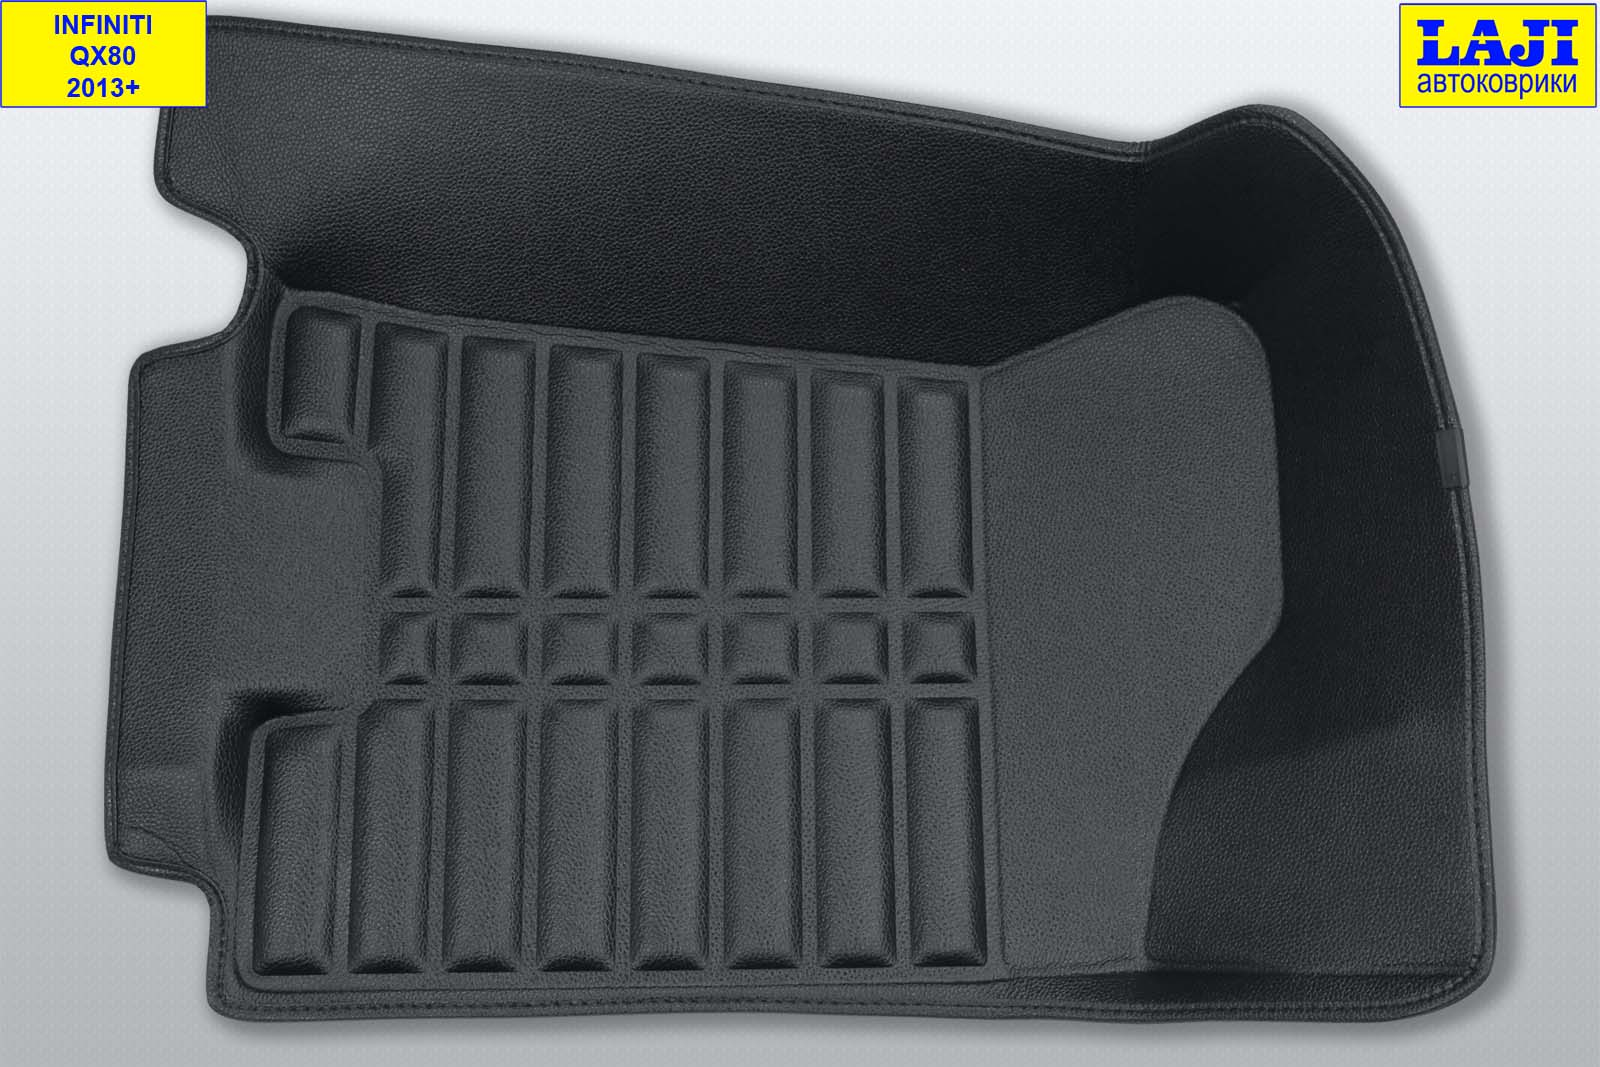 5D коврики в салон Infiniti QX80 2013-н.в. 4